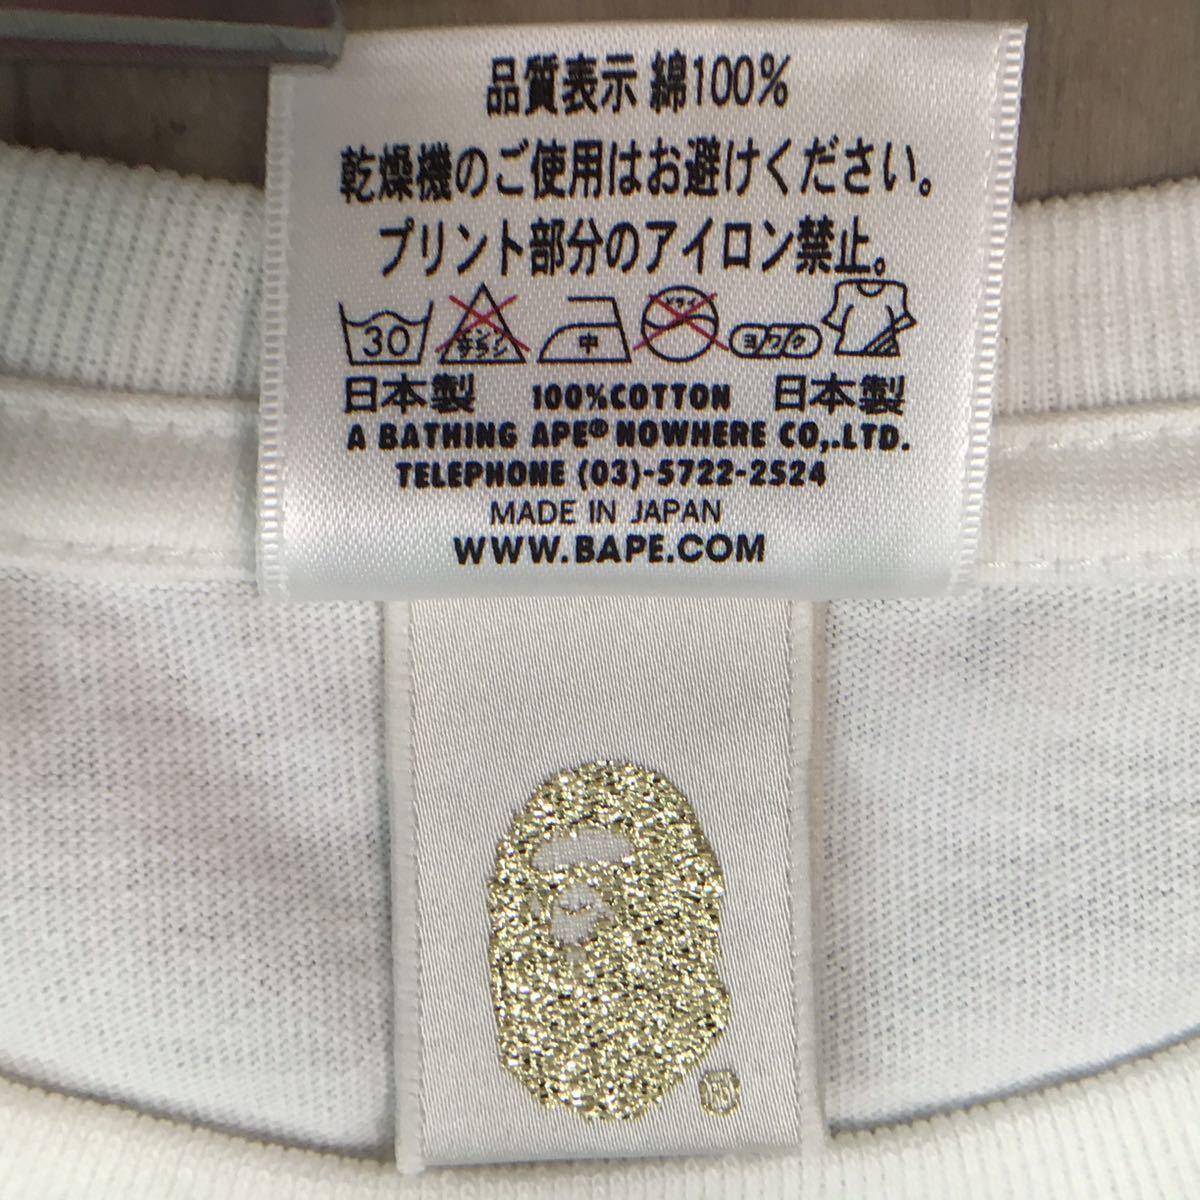 ★新品★ クロムハーツ bape レディース Tシャツ XSサイズ a bathing ape Chrome Hearts エイプ ベイプ アベイシングエイプ milo マイロ 07